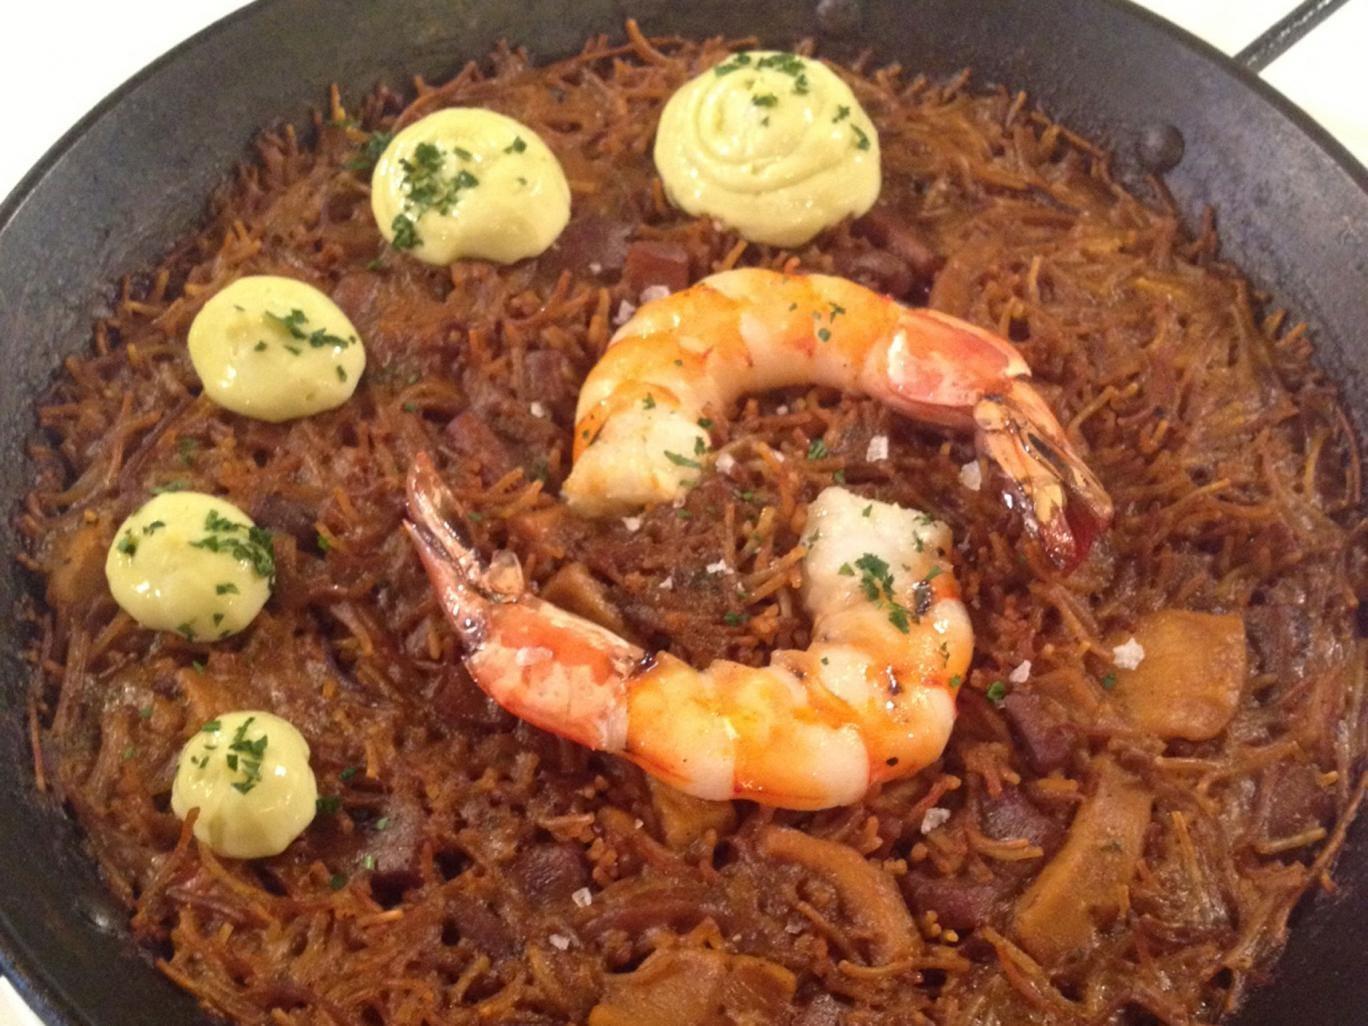 Tramontana Brindisa' pasta with cuttlefish, prawns, and aioli